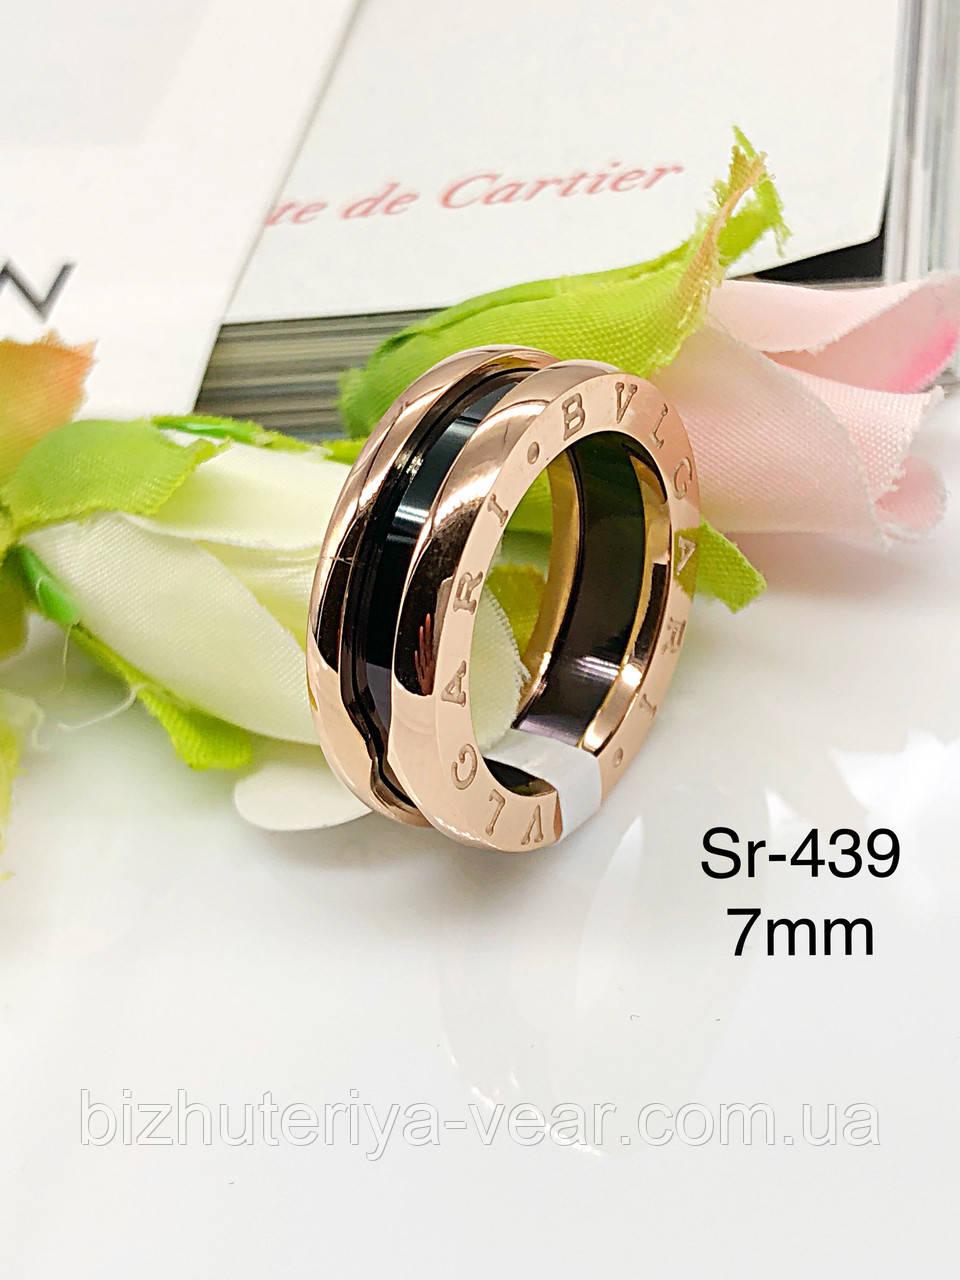 Кольцо Sr-439(6,7,8,9)